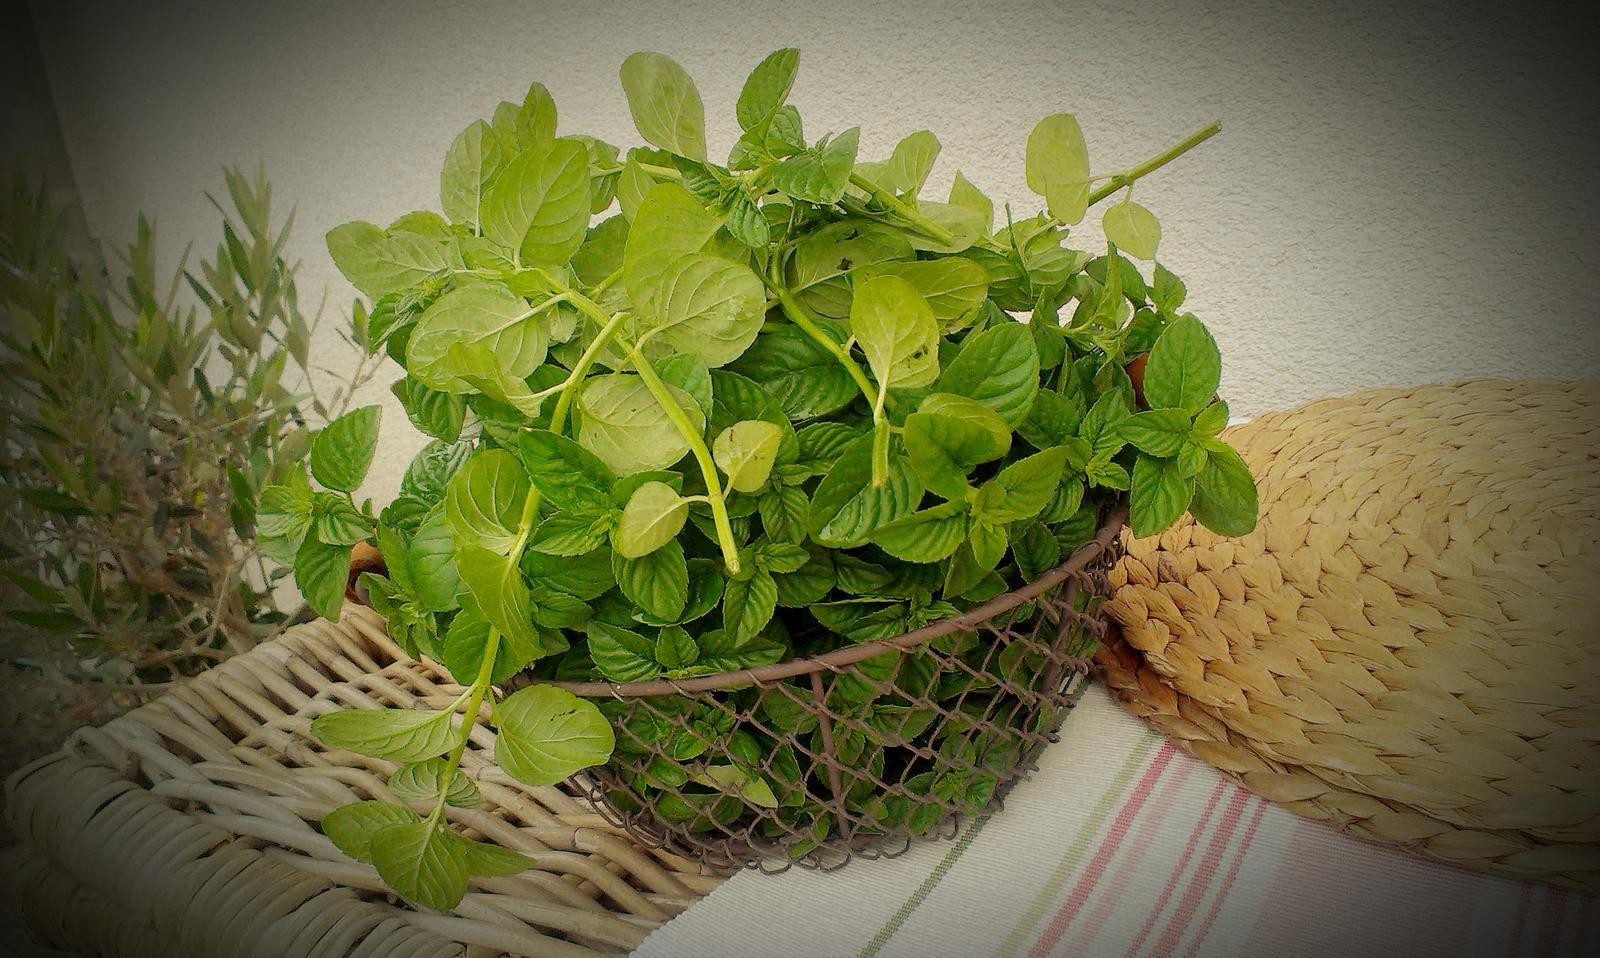 Záhrada - sklizeň - príprava na dlhé zimné večery s teplým čajom